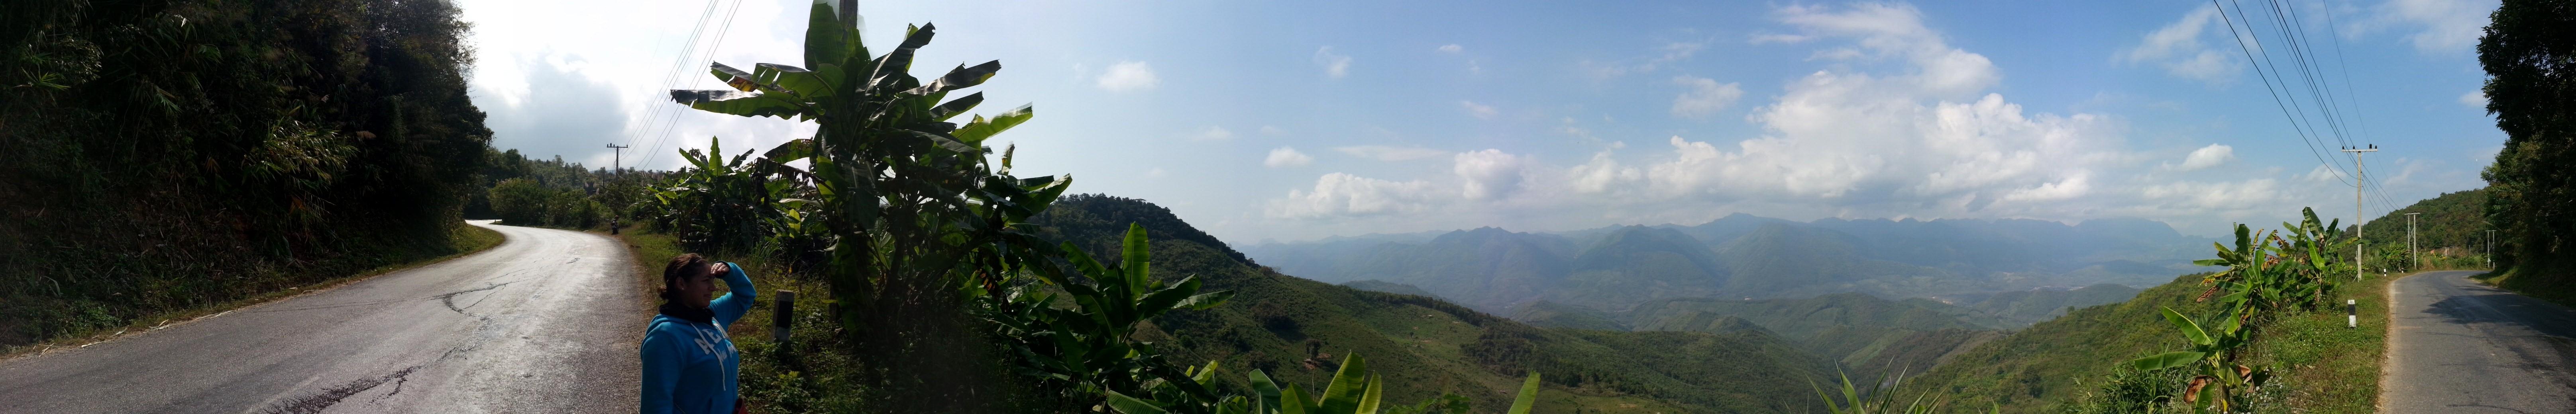 Paysage du Laos